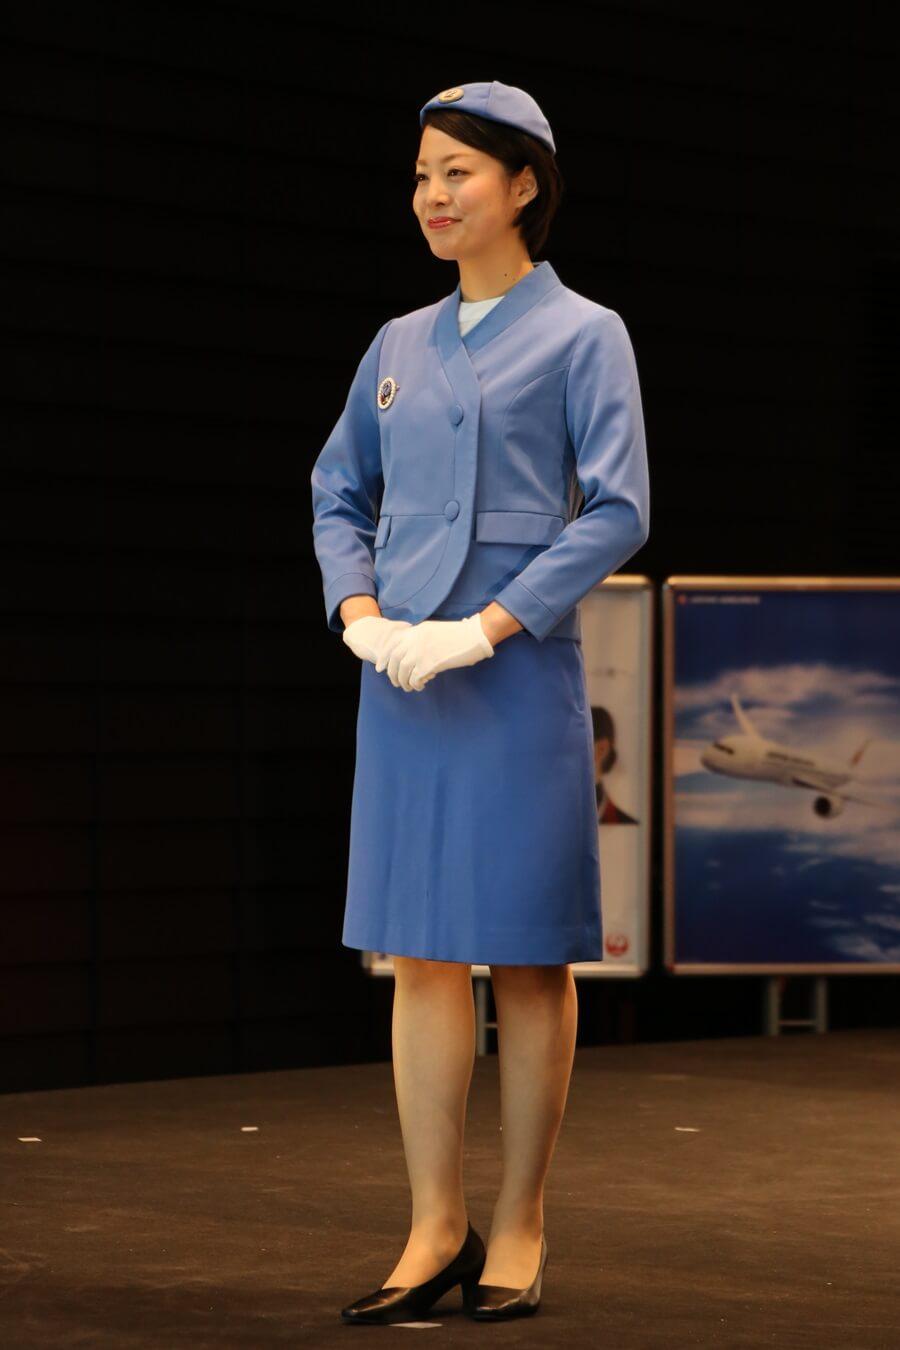 日本航空4代目制服 JALとJEX客室乗務員歴代制服ファッションショー 客室乗務員 スチワーデス 歴代ユニフォーム 制服 空の日フェスティバル JAL fashion show (16)